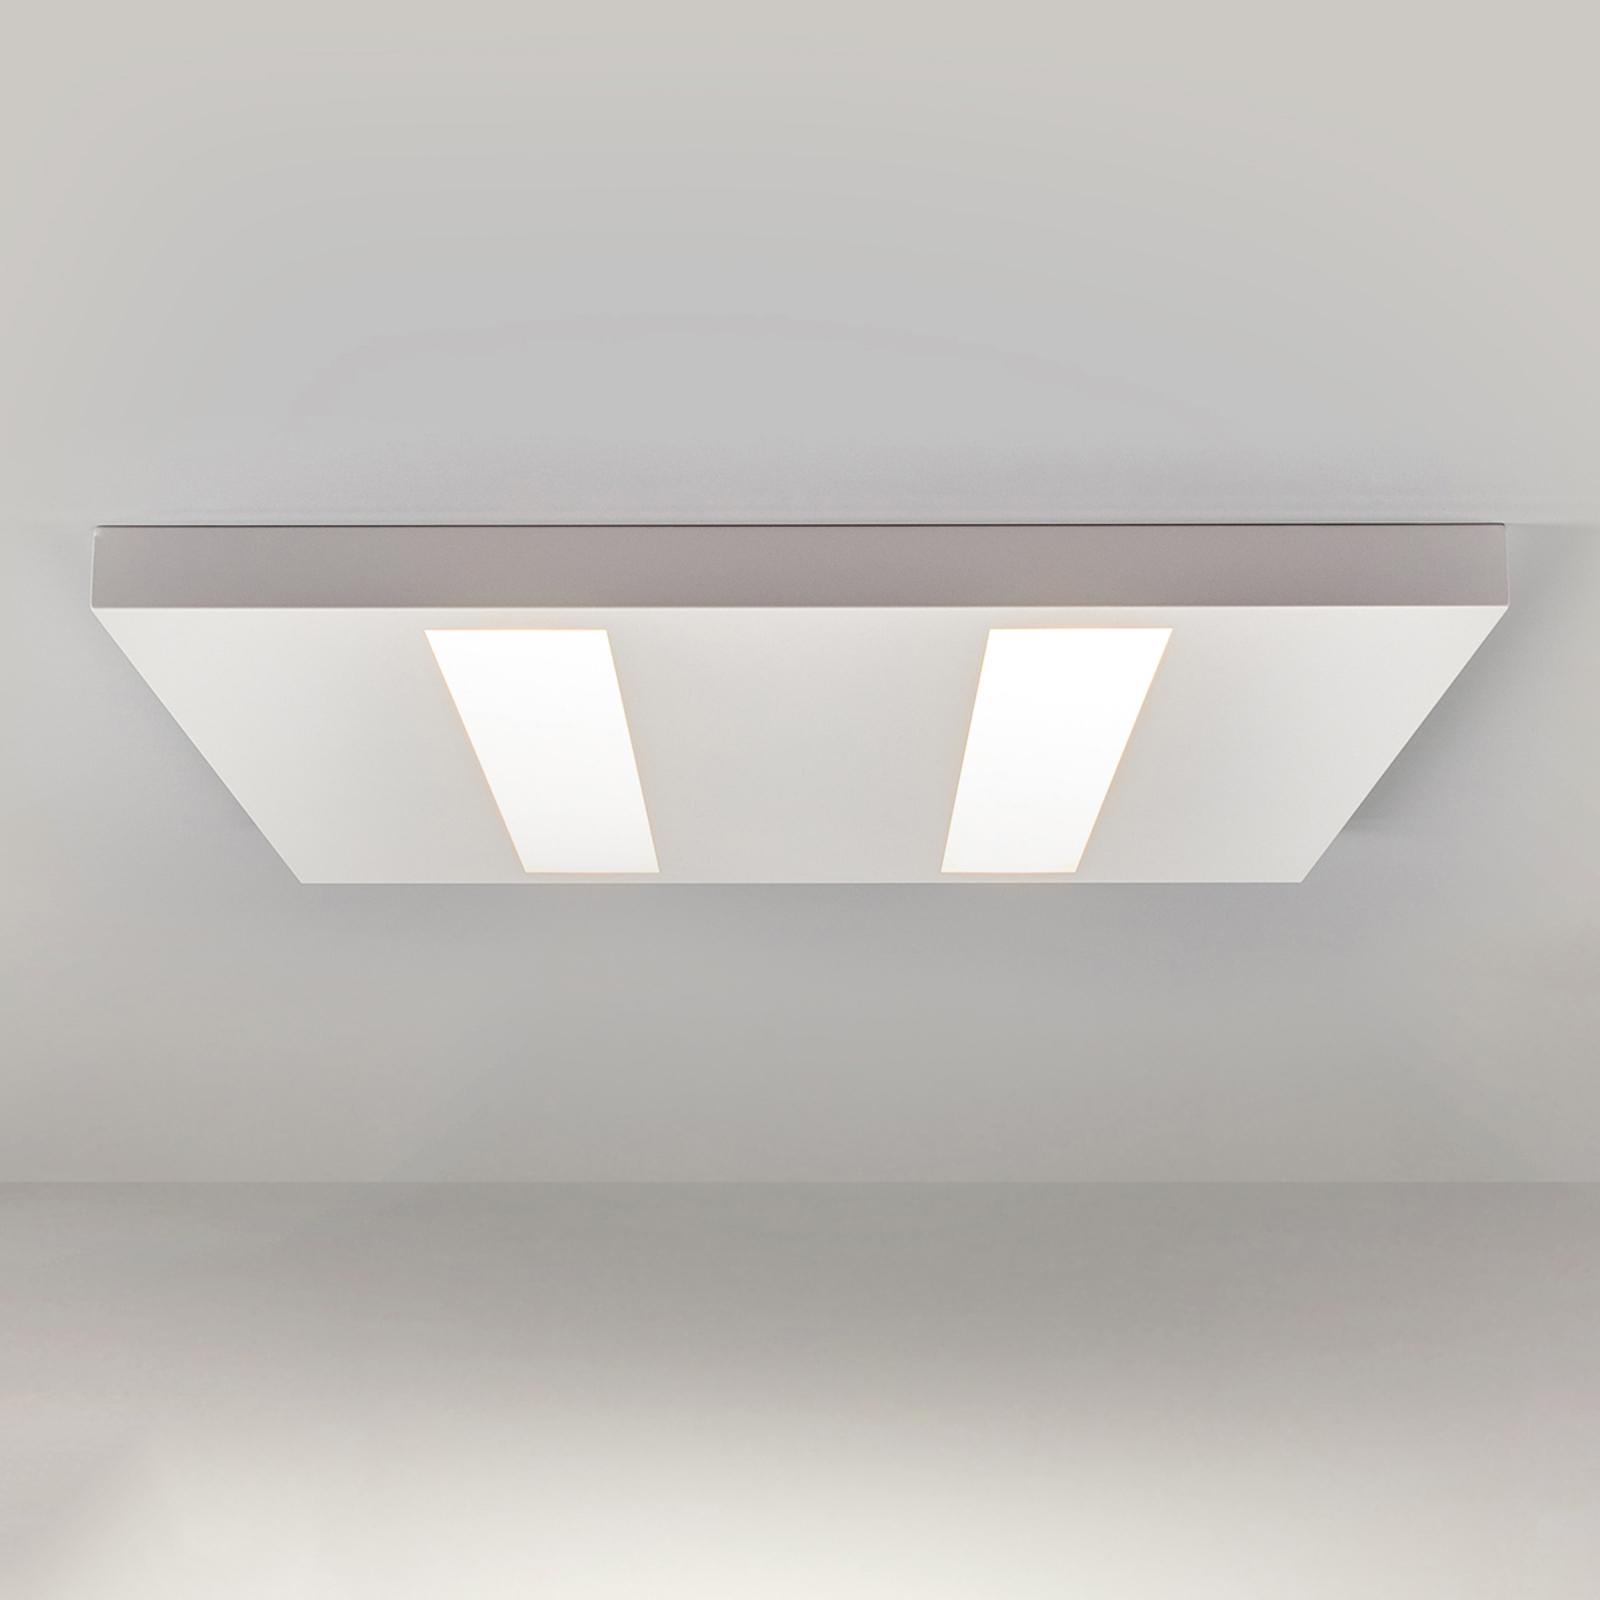 Lampa do nabudowania LED 37W, biała, OSRAM LED